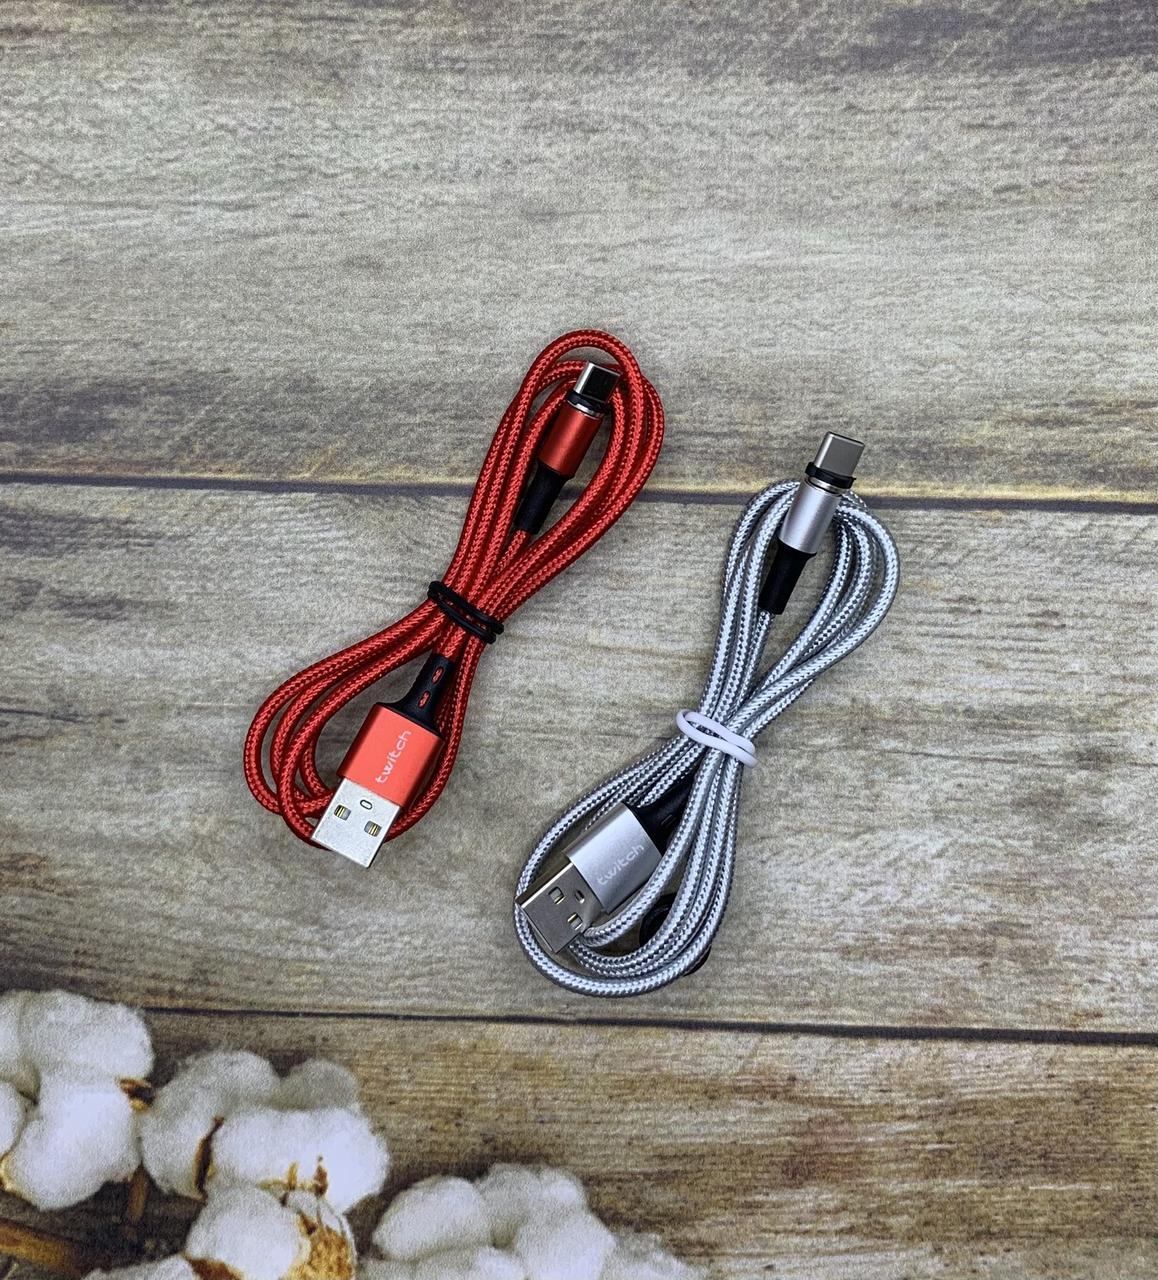 Магнитный Type-C USB кабельTwitch 1м зарядный шнур